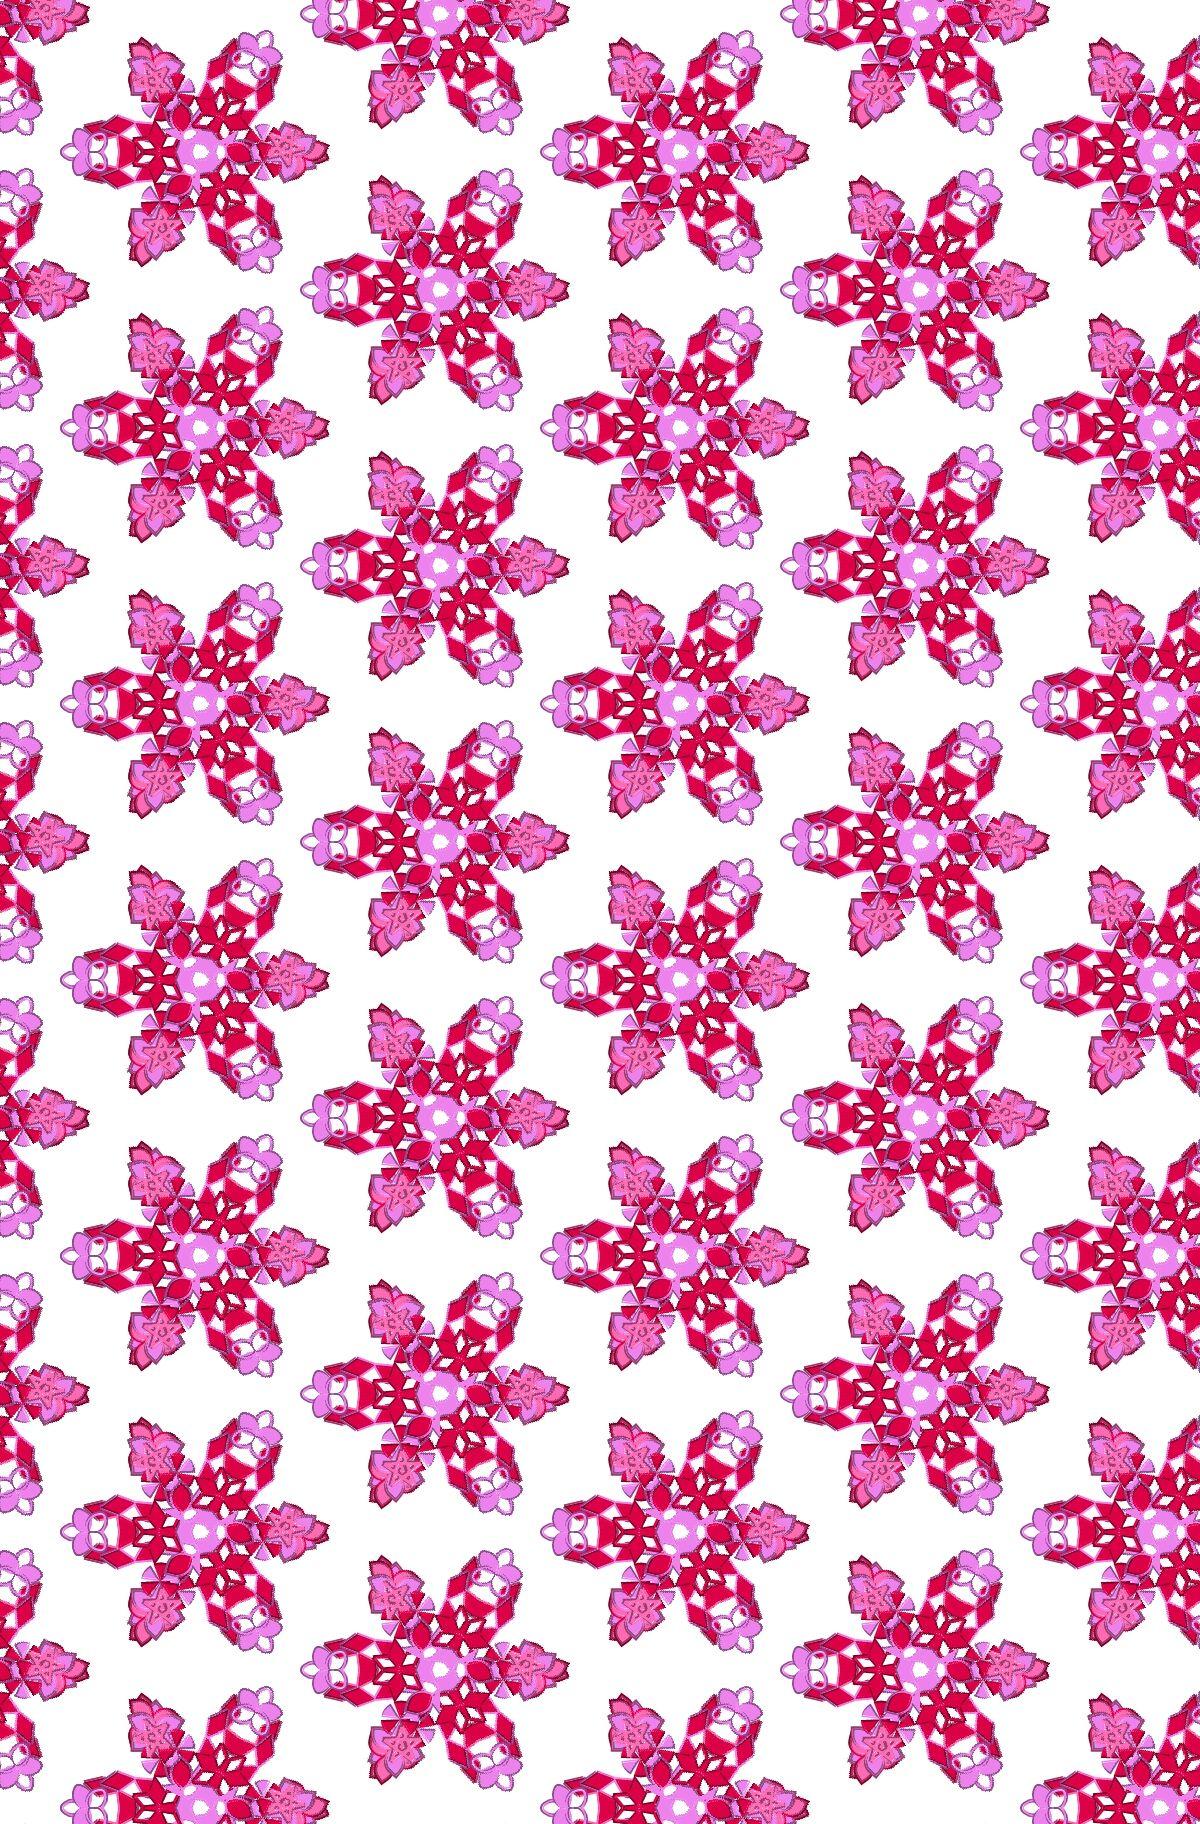 fancy pattern by android app fancy patterns or fancy patterns lite app wallpaper